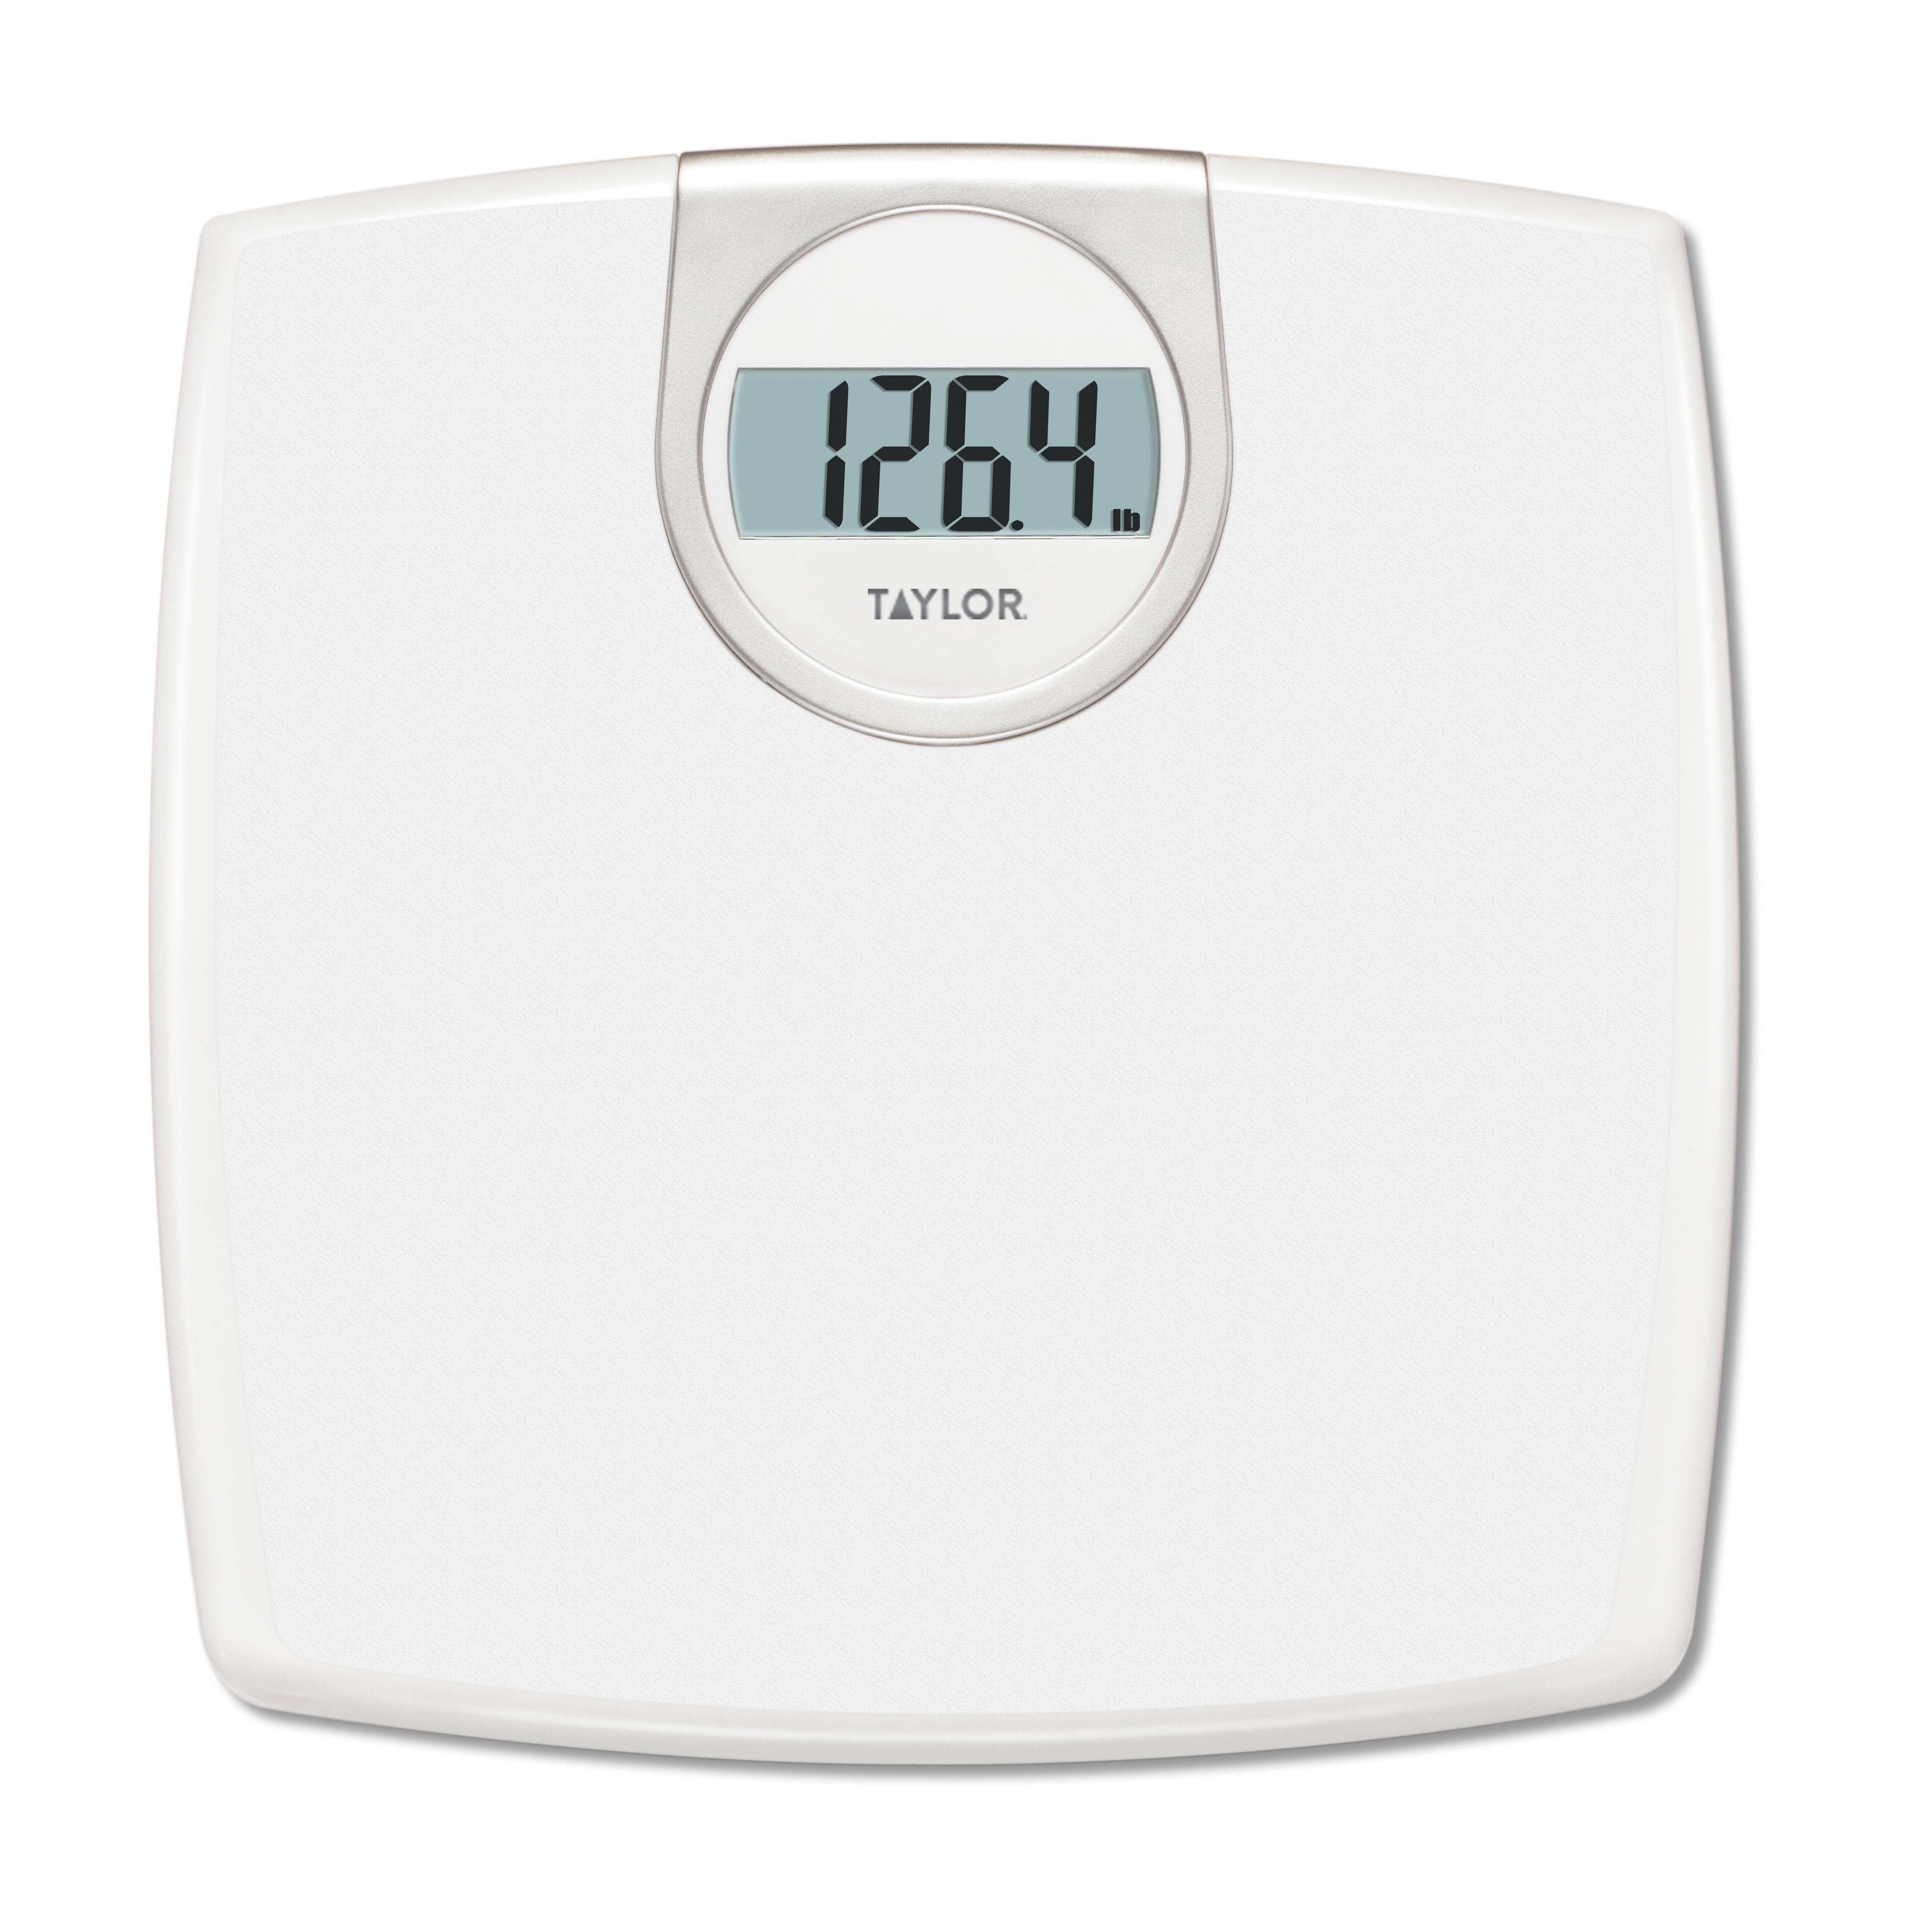 Taylor Precision 702940133 bathroom scale